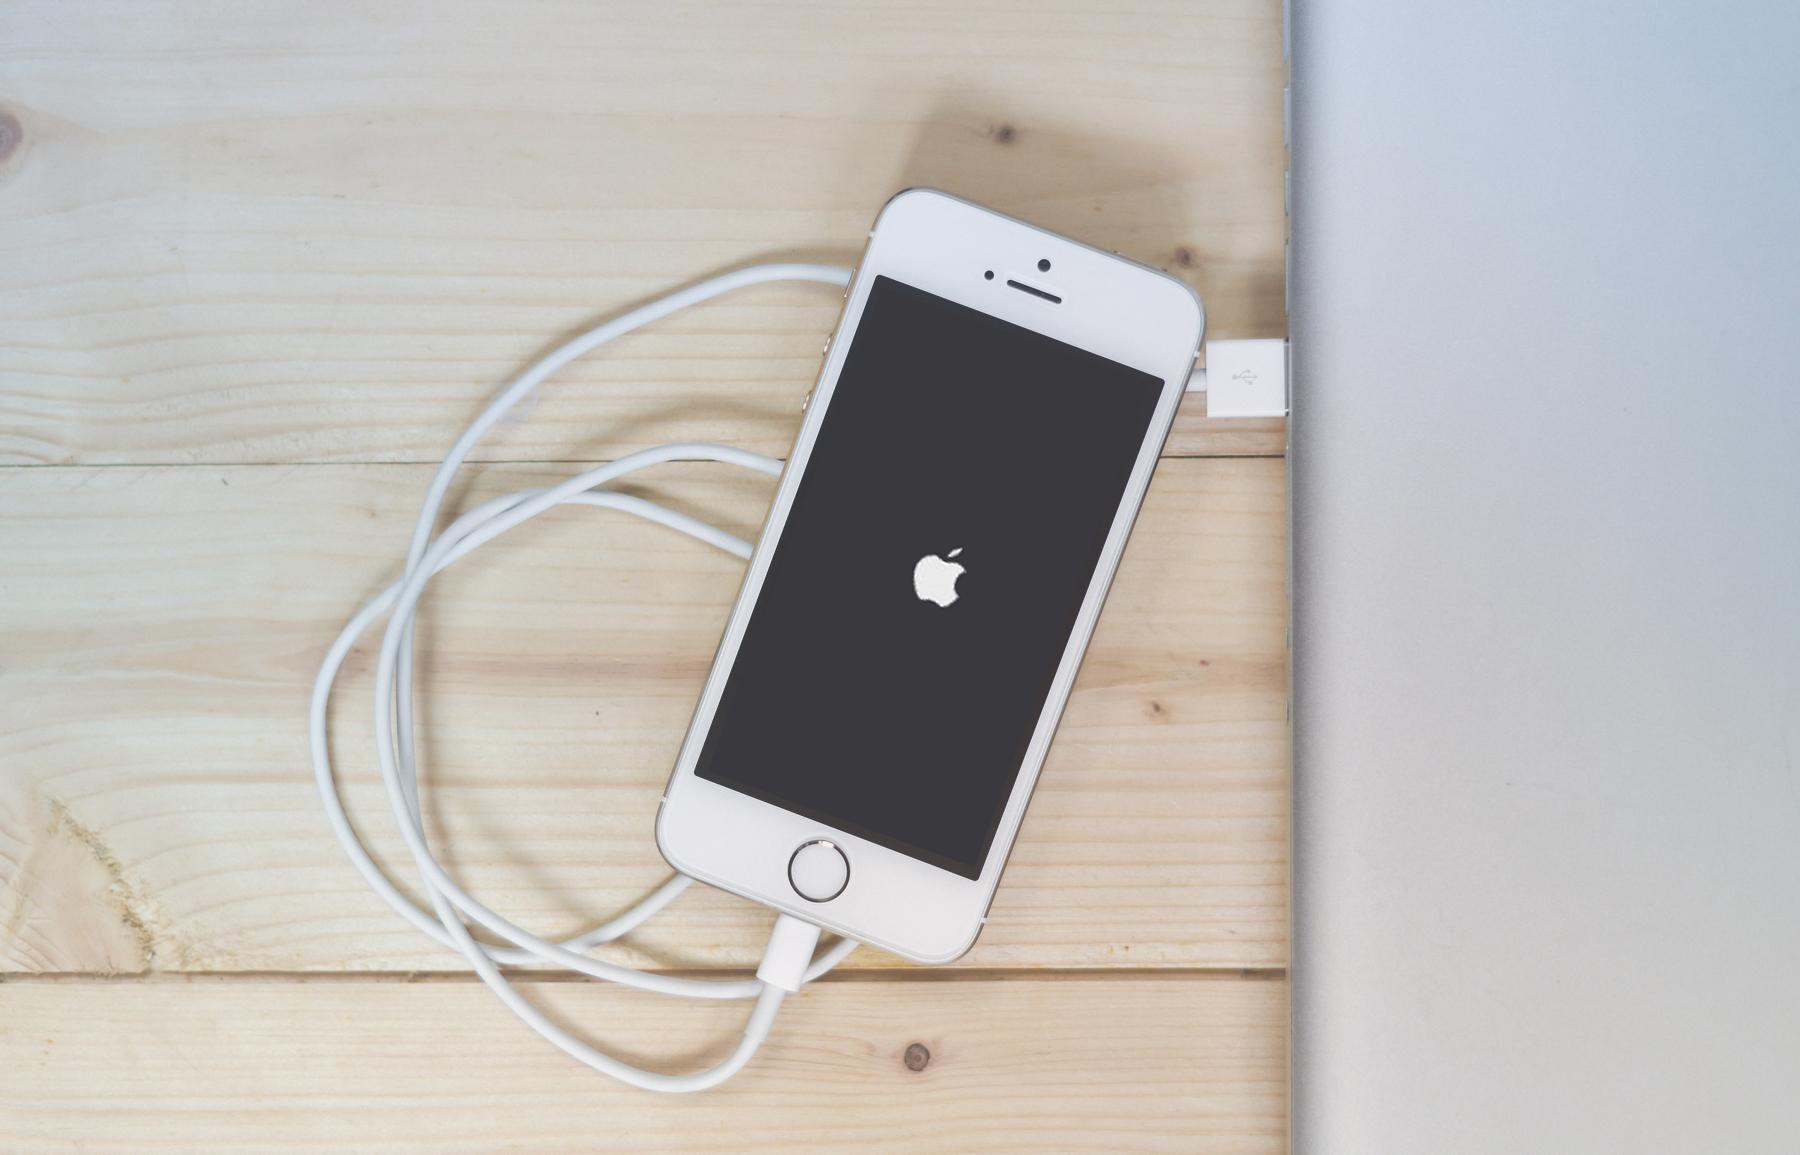 iPhone de referencia cargando.